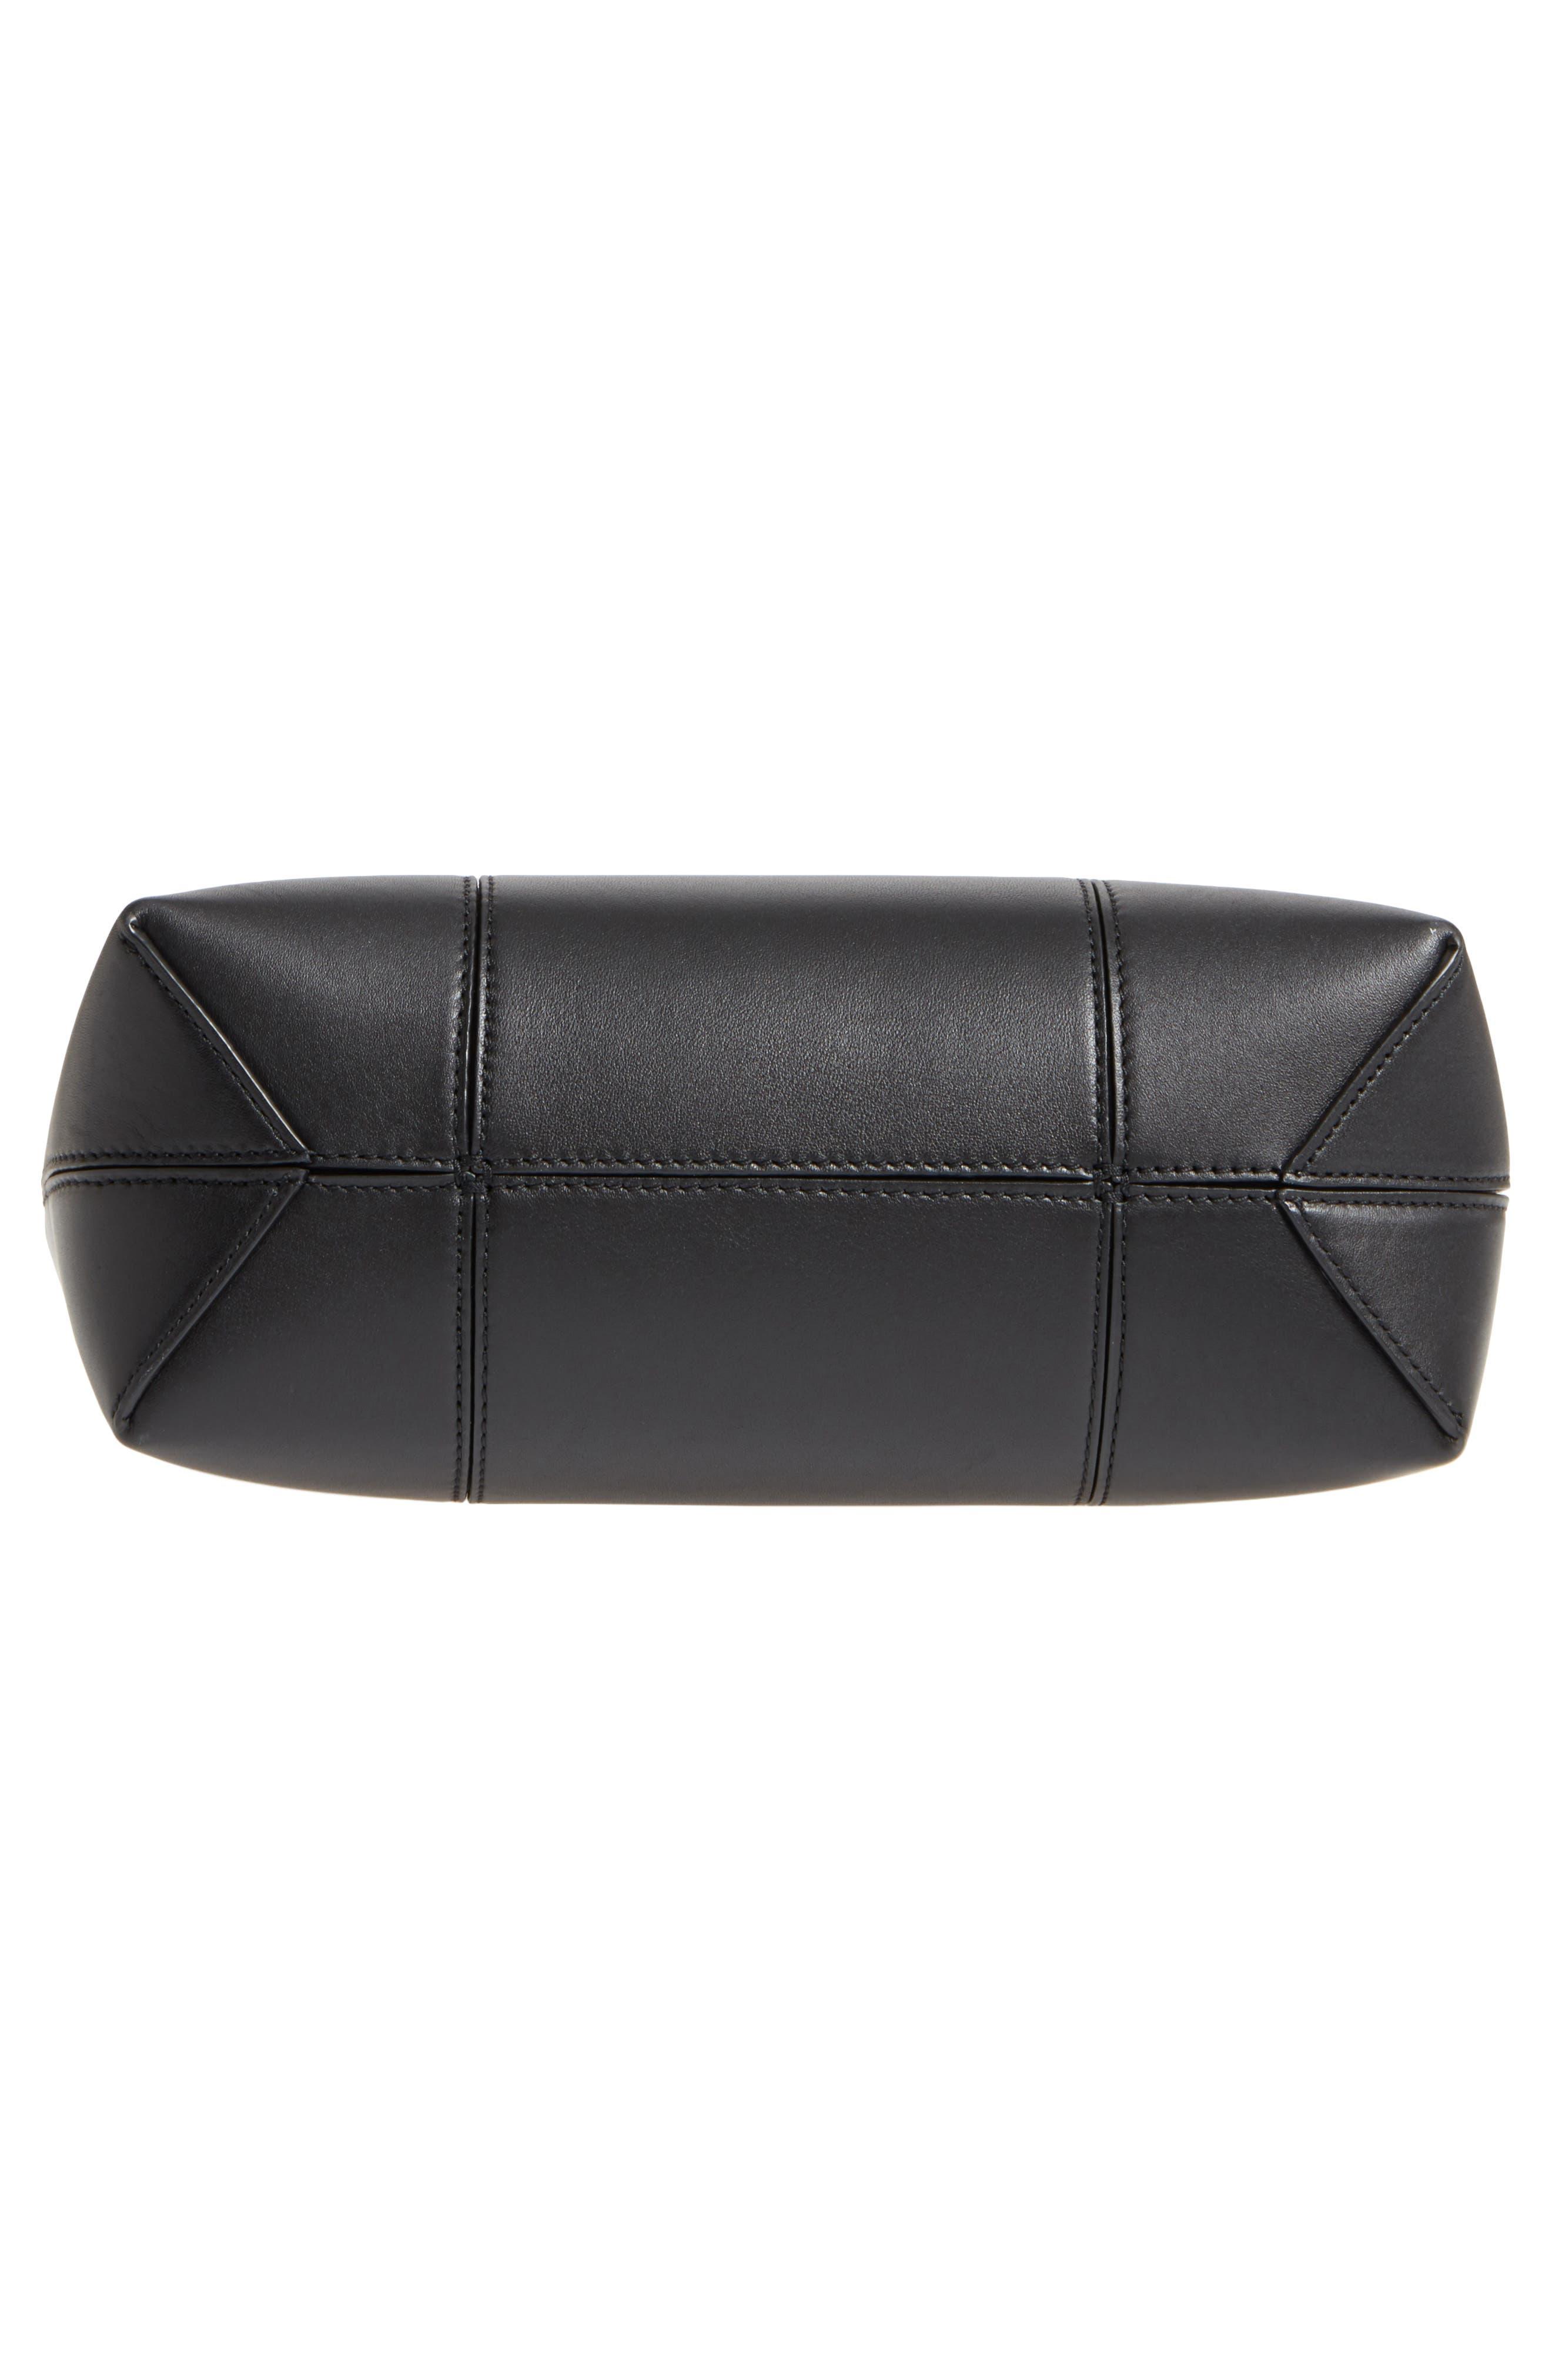 Block-T Mini Leather Tote,                             Alternate thumbnail 6, color,                             Black/Black